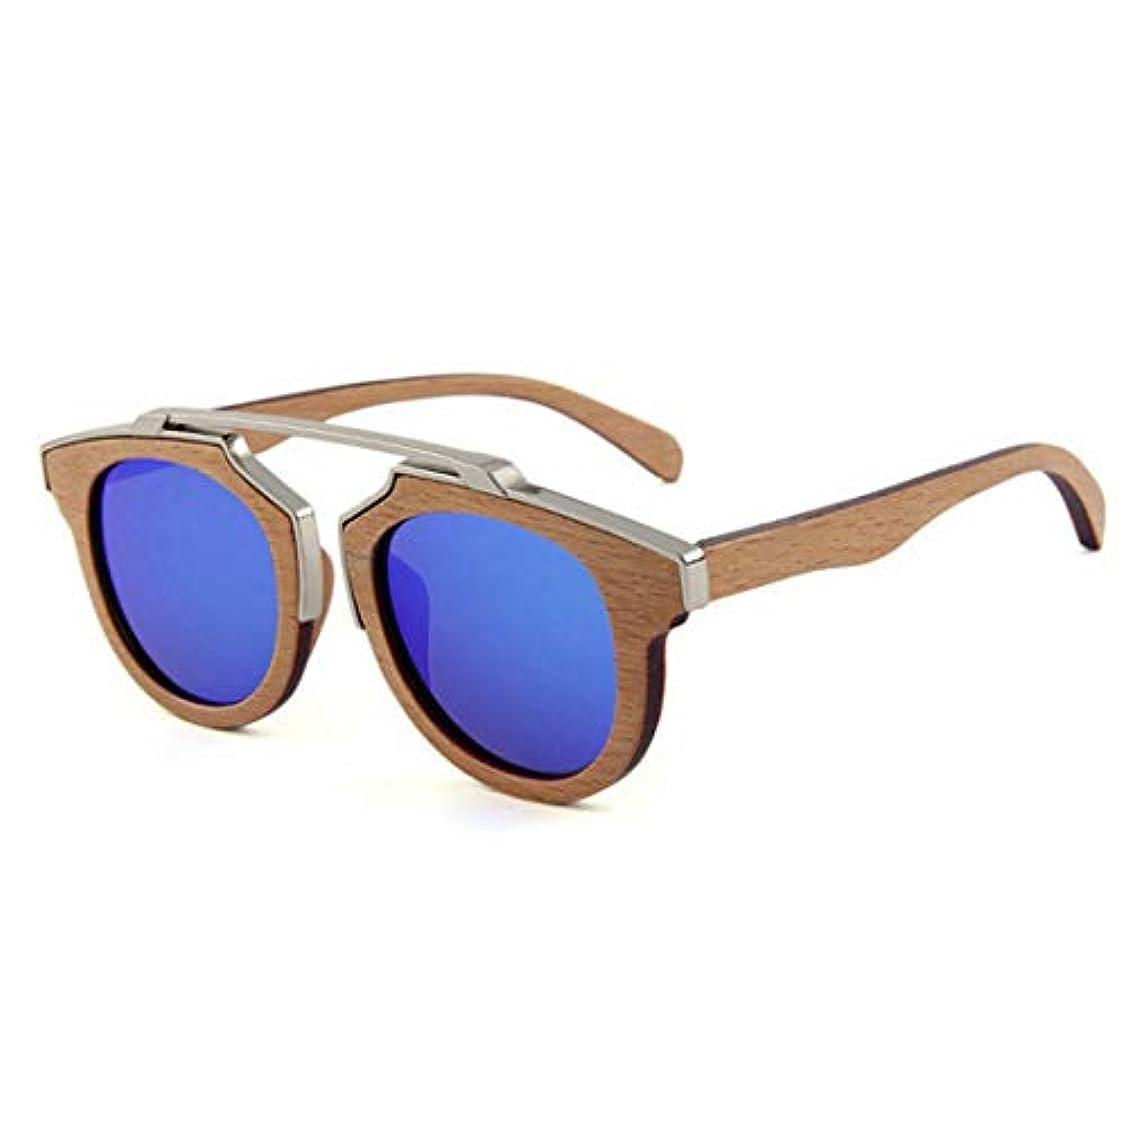 後ろ、背後、背面(部評論家祝うサングラス 女性の手作りの 金属装飾木製偏光サングラスUV保護ドライビングサングラスビーチサングラス。, ファッションサングラス